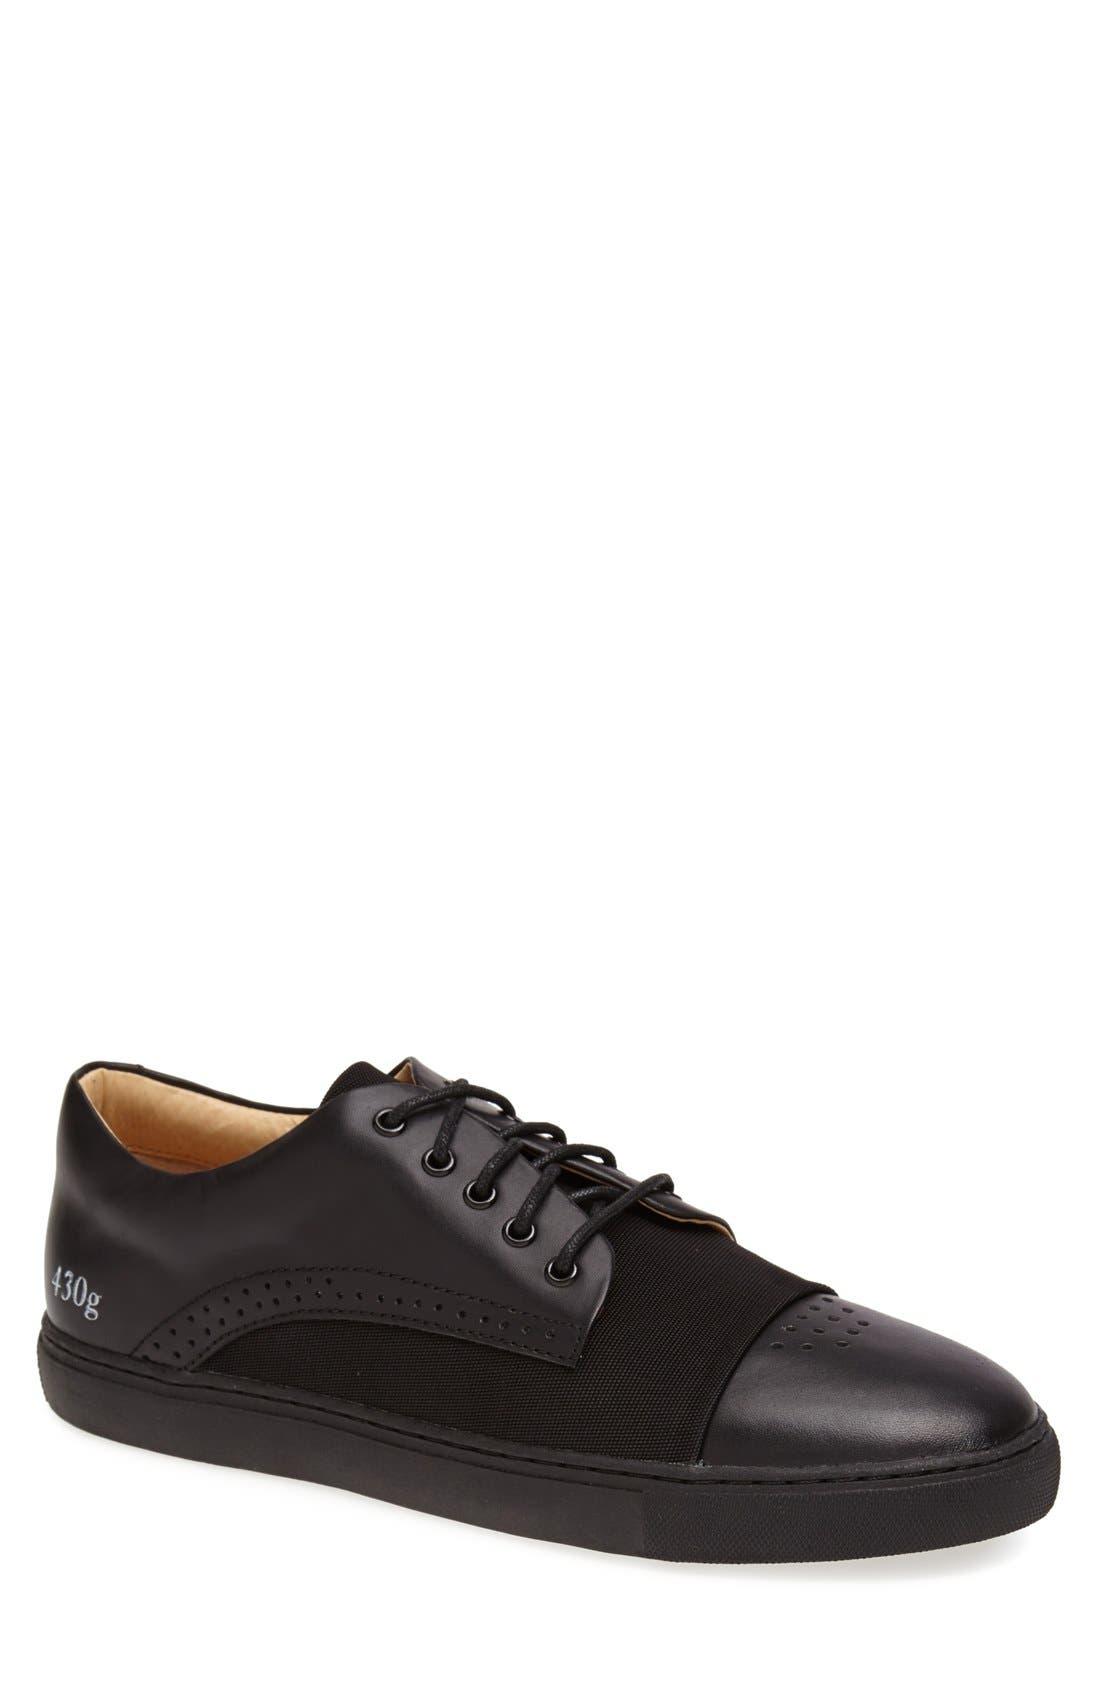 GRAM '430G' Sneaker, Main, color, 001